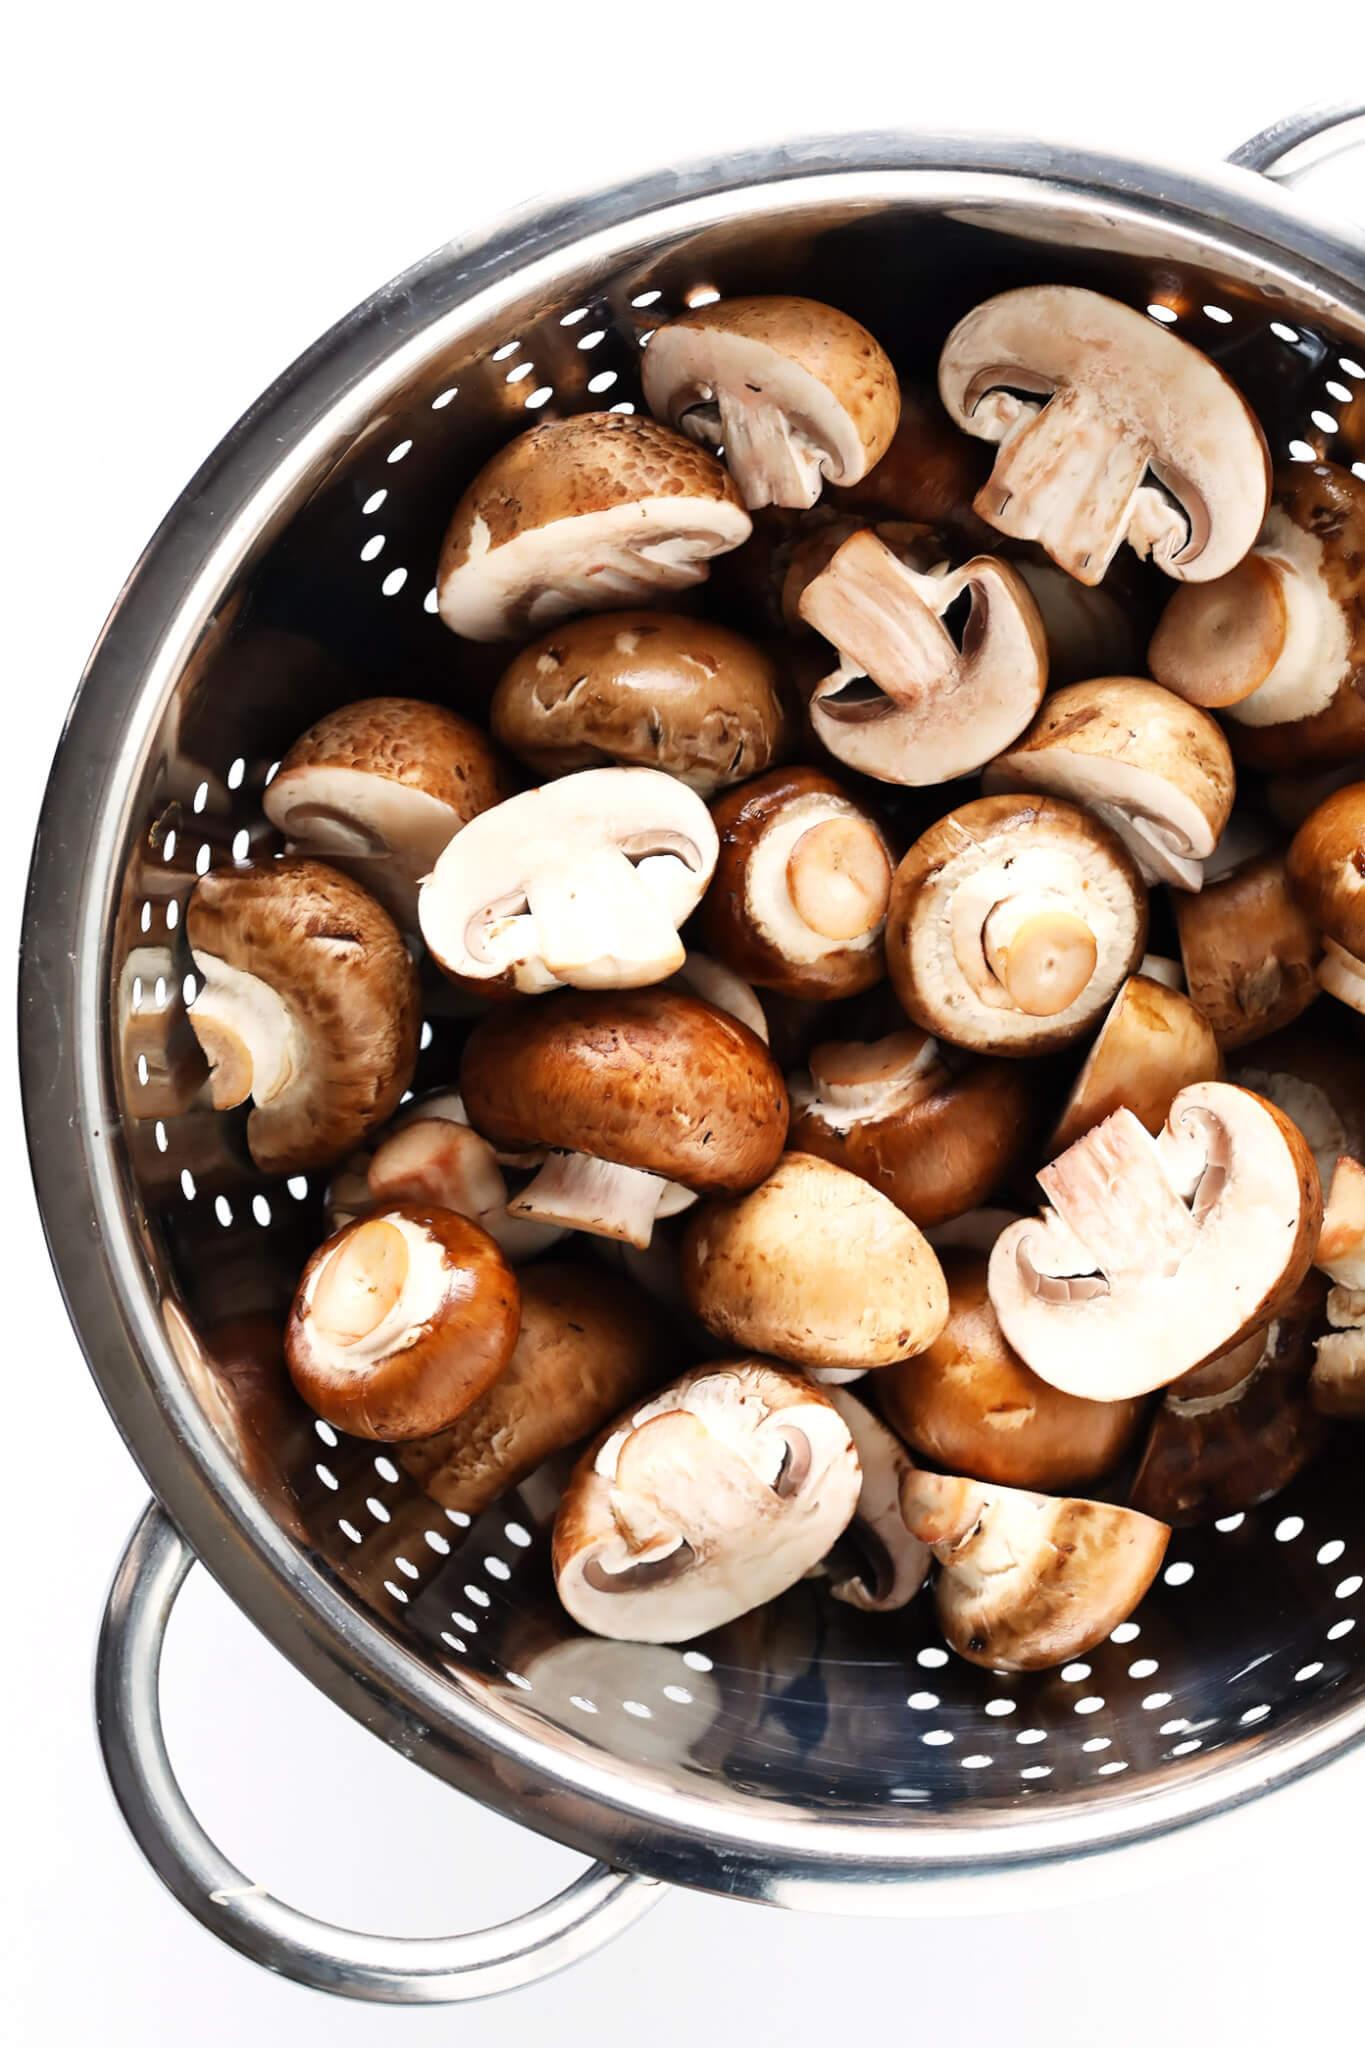 Mushrooms for this Vegetarian Portobello Pot Roast Recipe